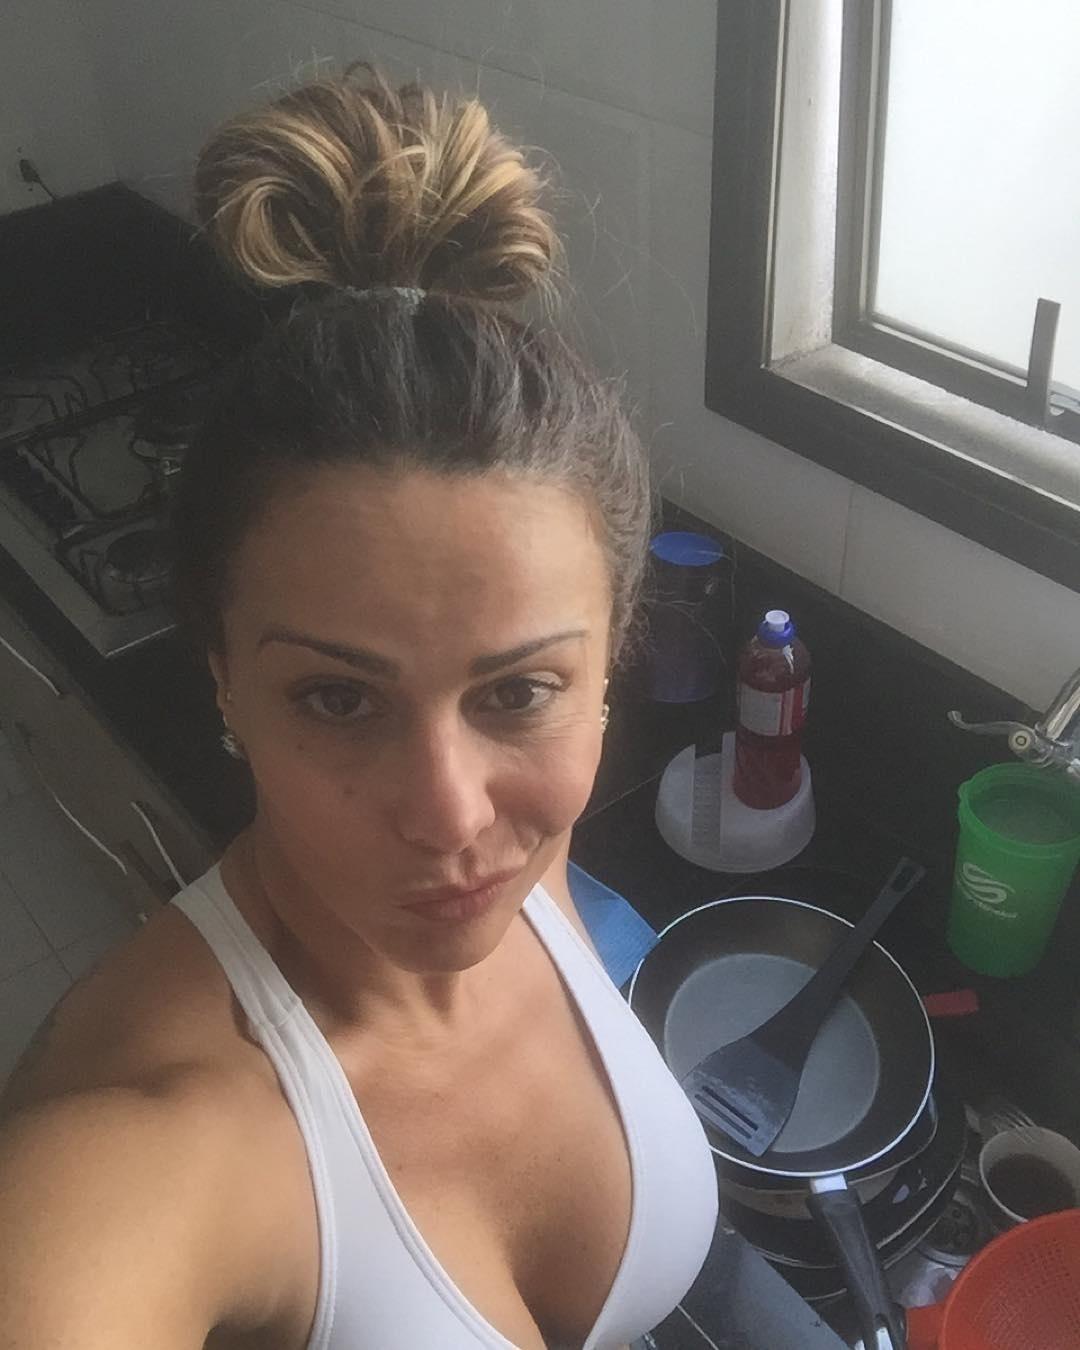 16.out.2015 - Viviane Araújo publicou uma foto no Instagram chateada por ter muita louça para lavar. A modelo e atriz voltou da academia e encontrou a pia cheia na cozinha de sua casa.